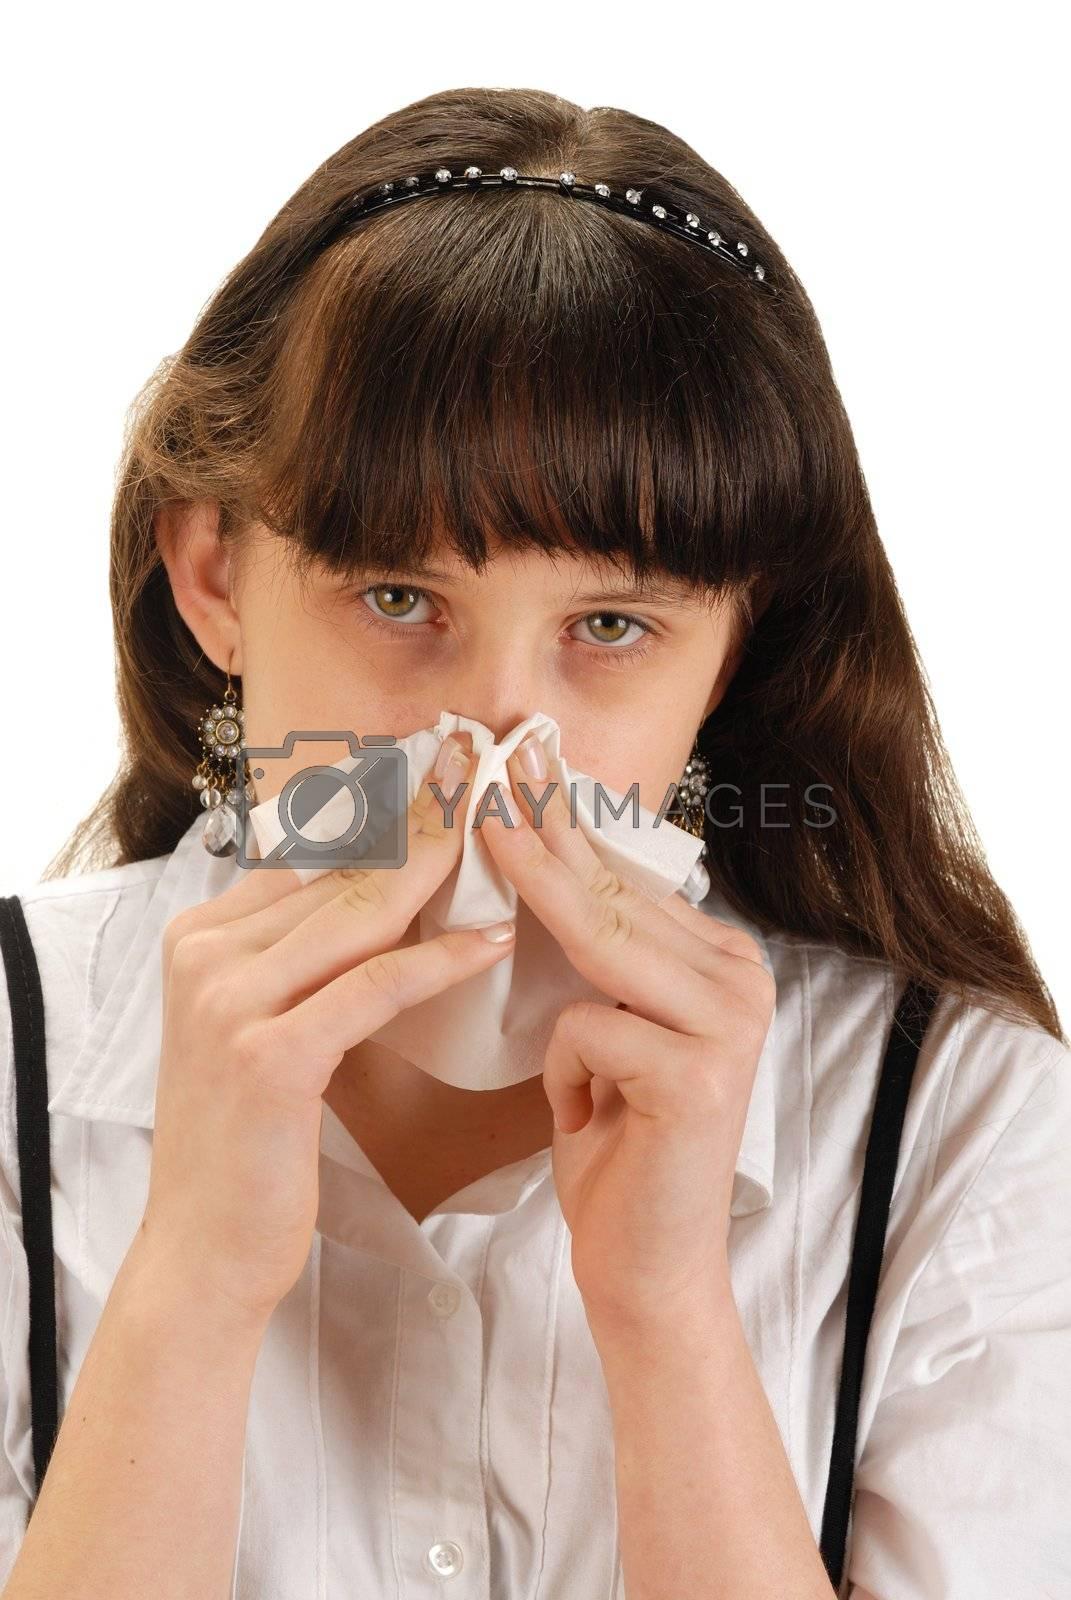 Girl with handkerchief. Studio shot over white.